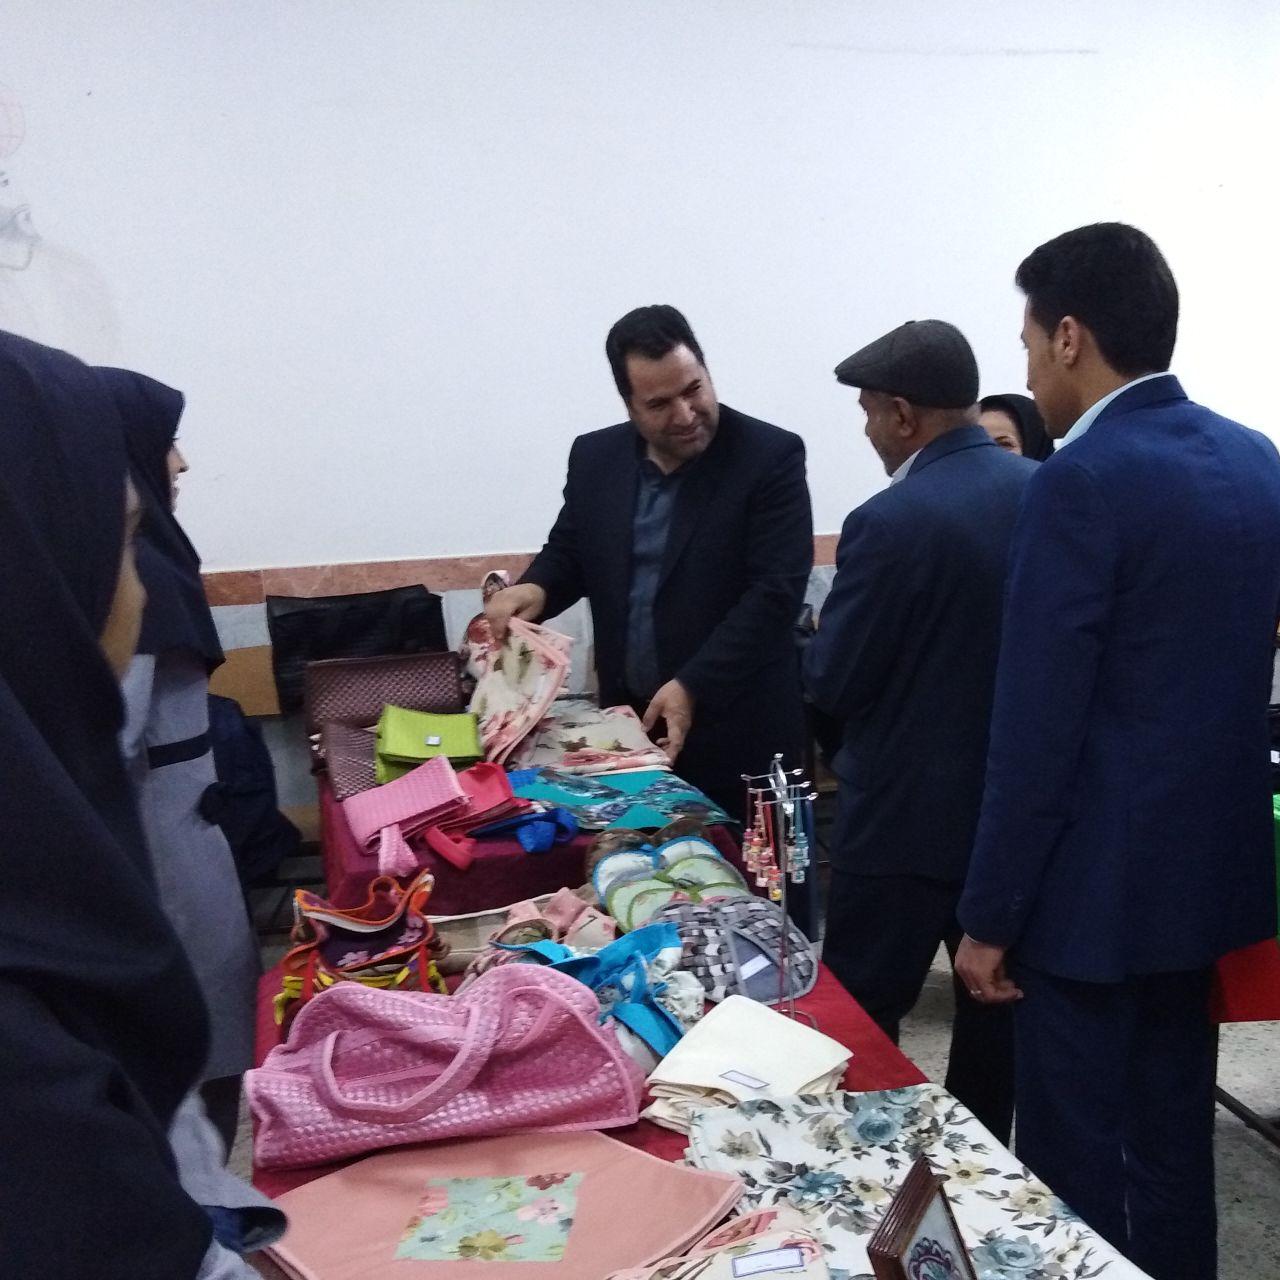 برگزاری بازارچه کسب و کار دانش آموزی در شهرستان خواف